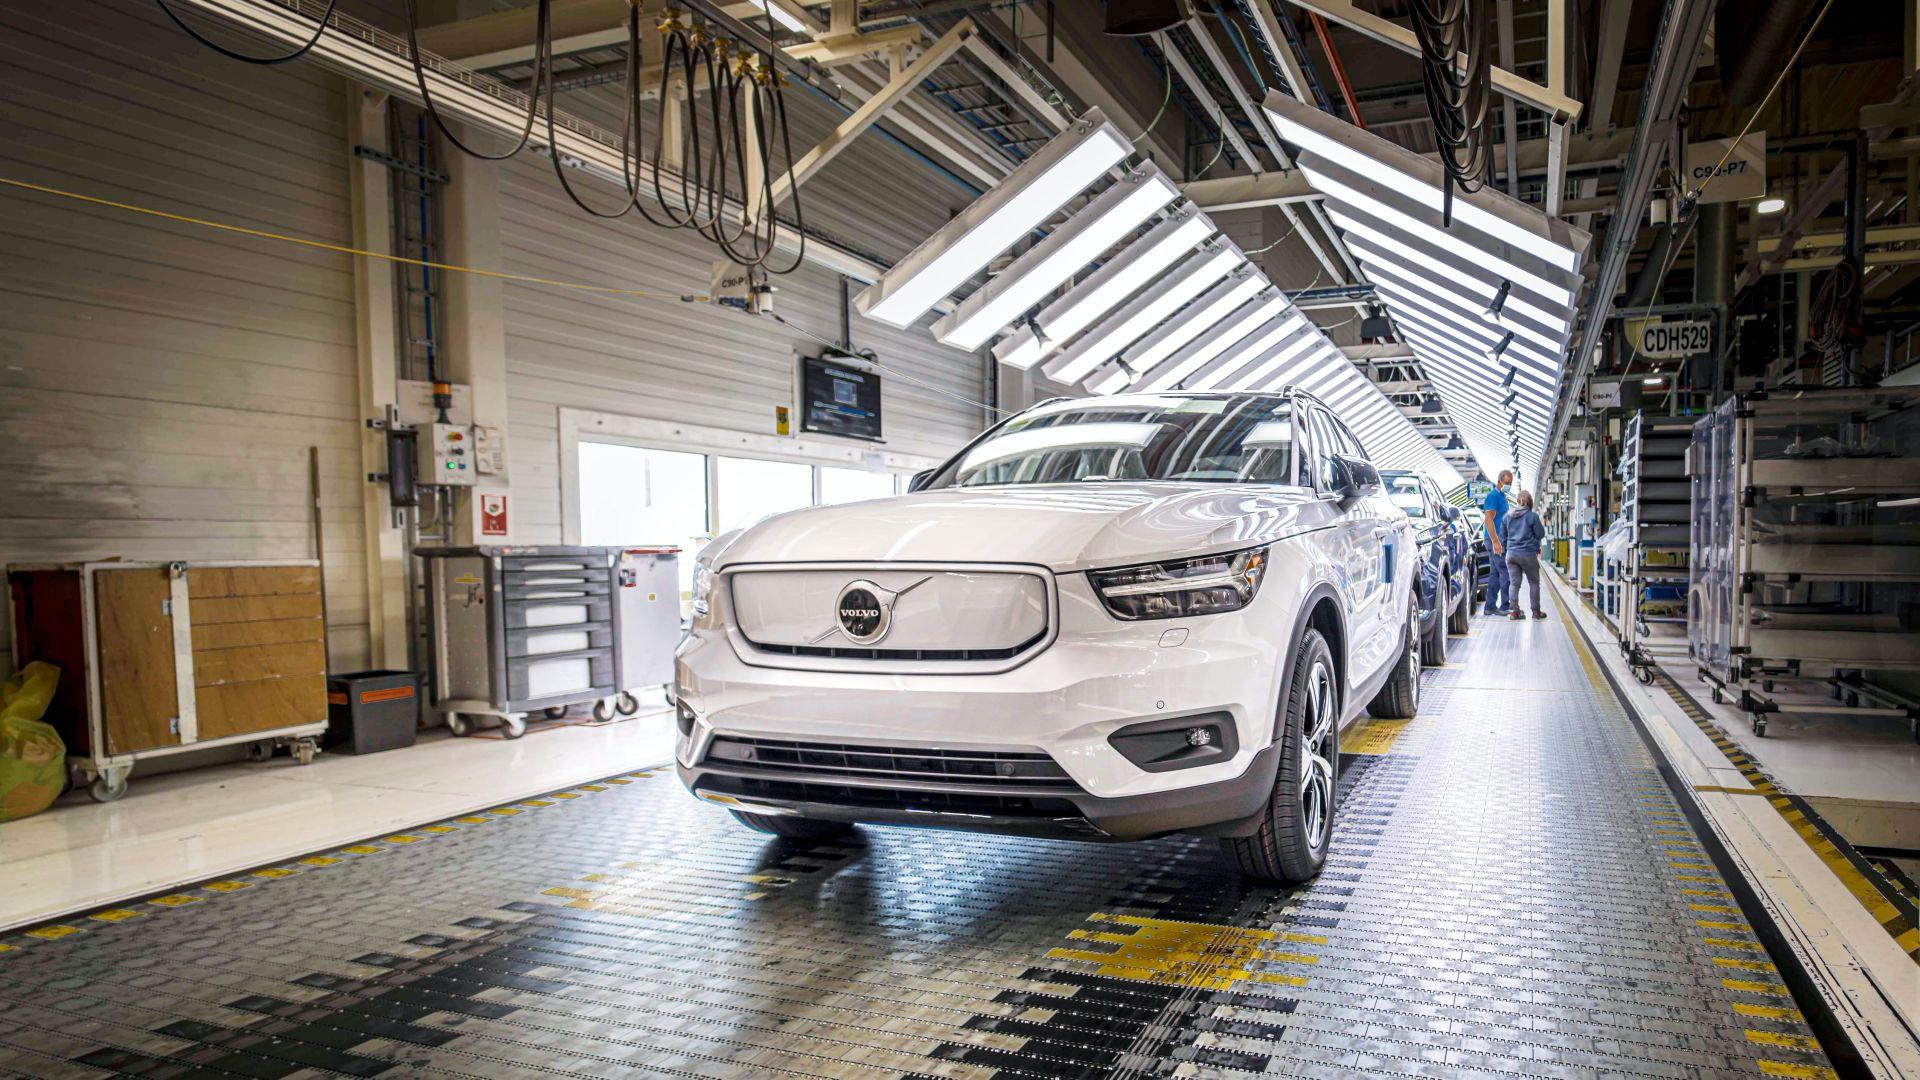 Mẫu xe điện đầu tiên của Volvo đi vào sản xuất, kín đơn hàng trong năm 2020